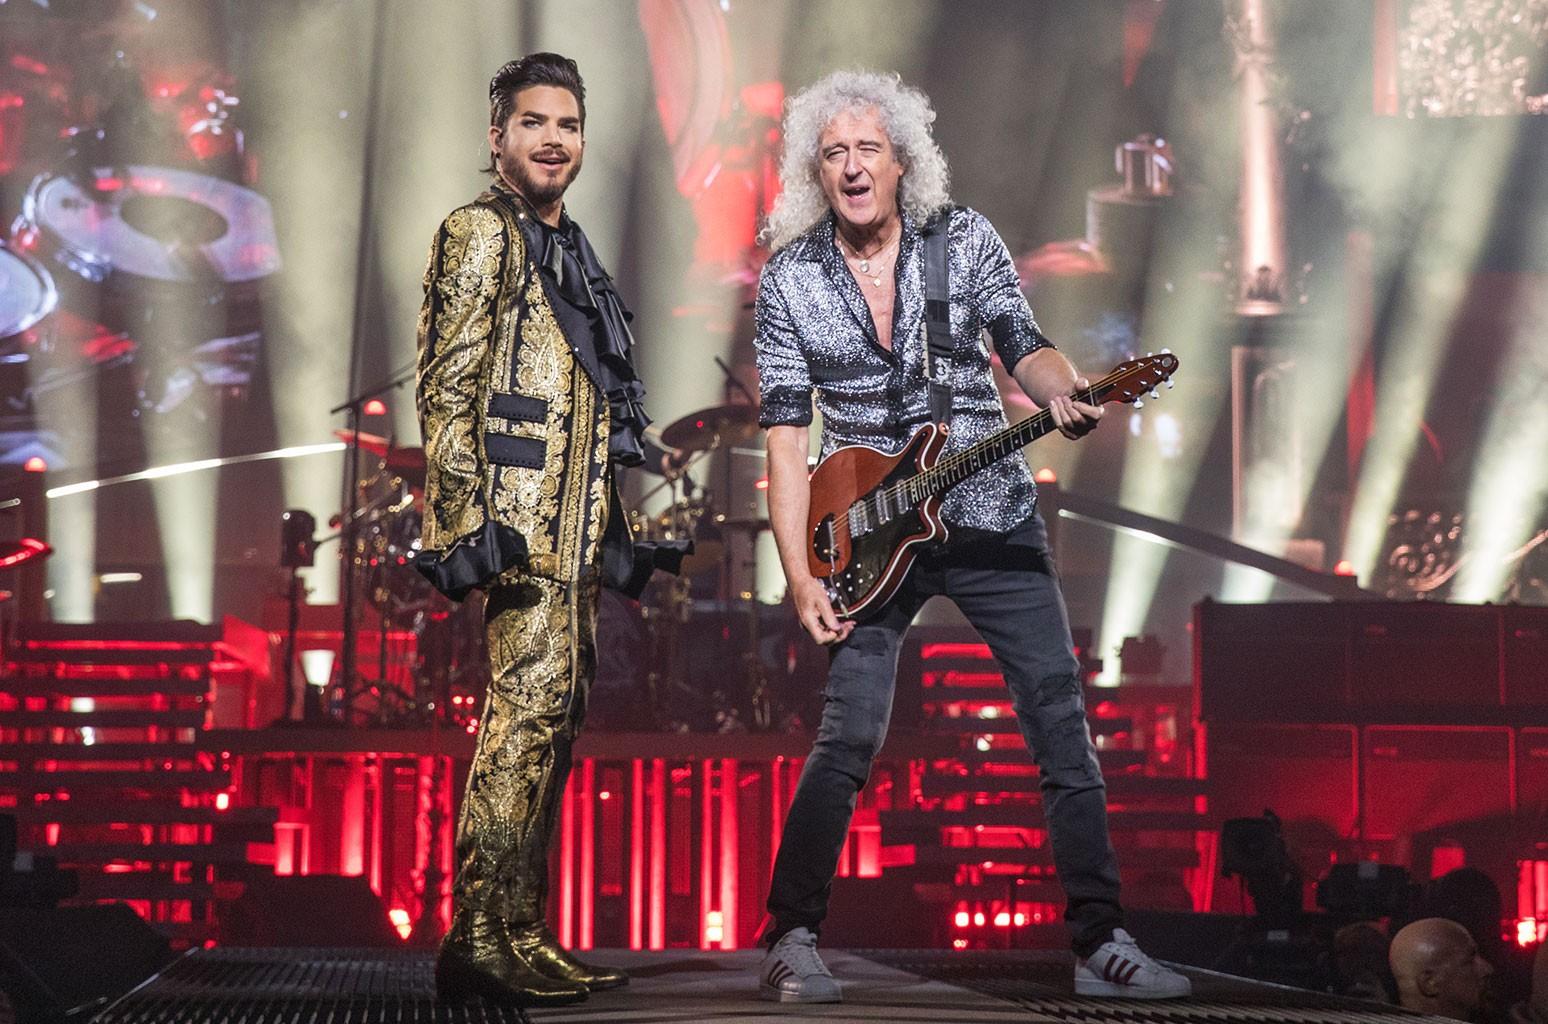 Adam Lambert and Brian May of Queen + Adam Lambert